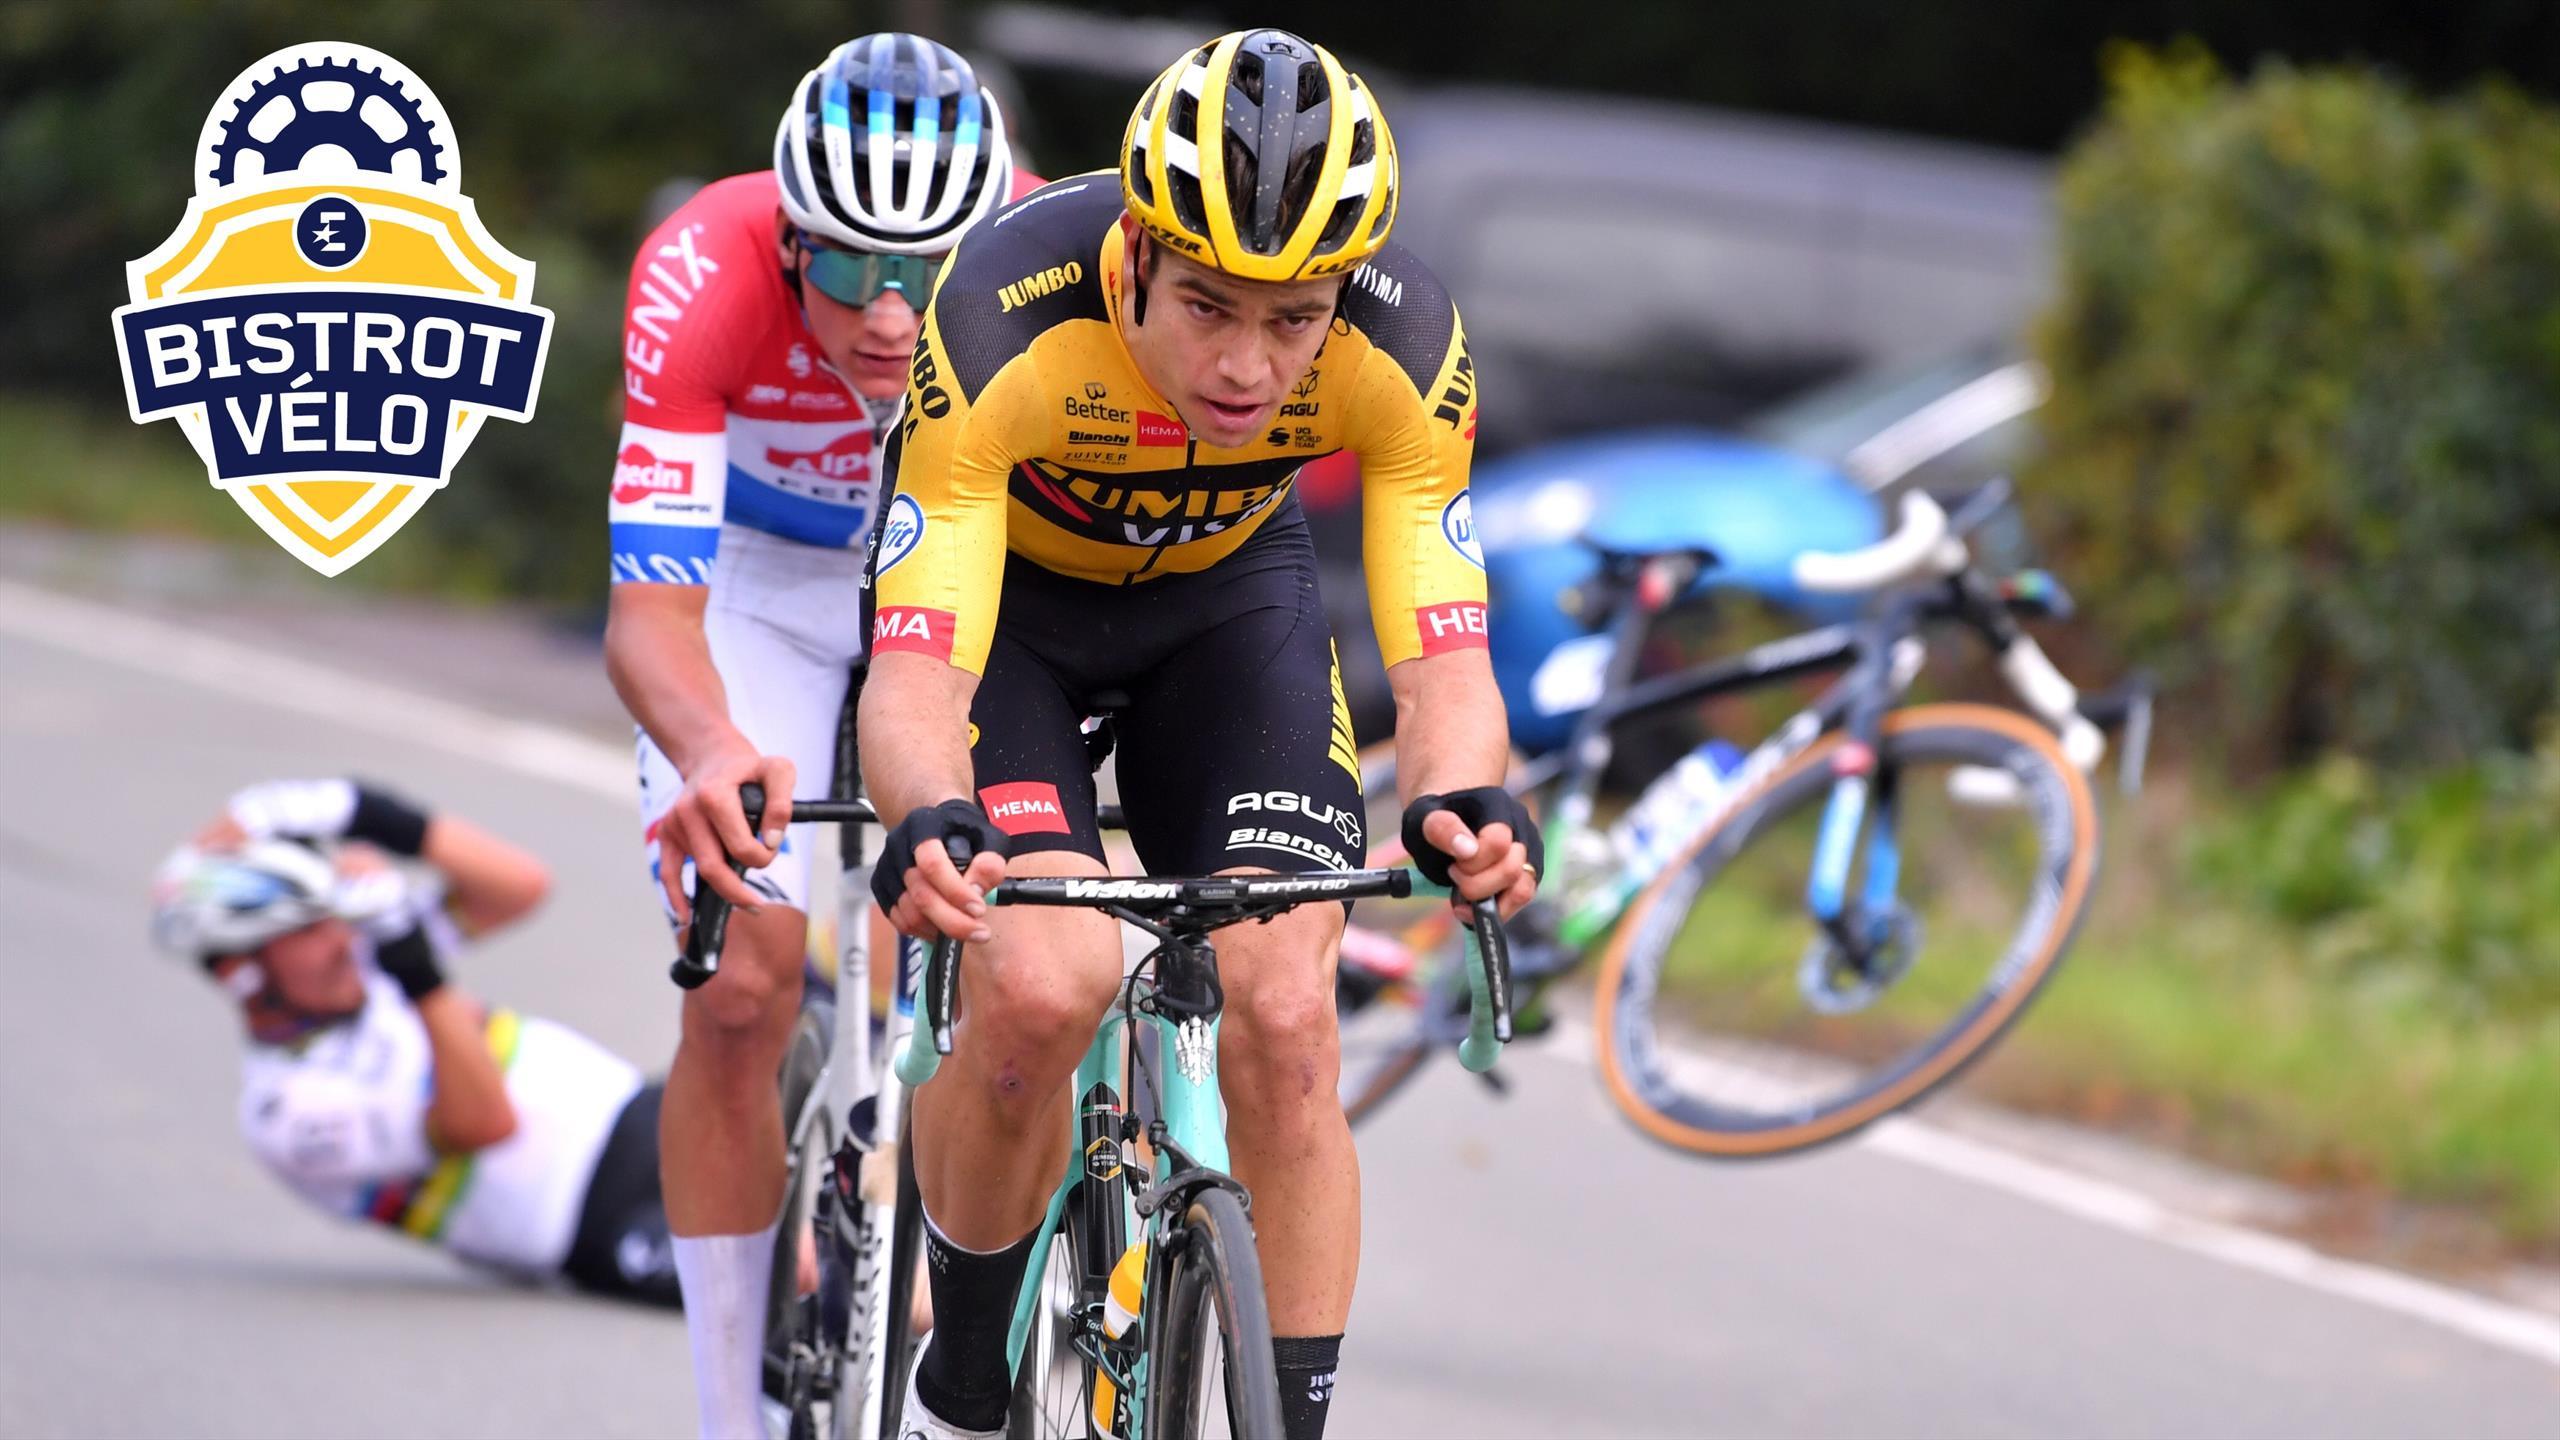 """Alaphilippe sur la chute du Ronde : """"Van Aert ne me prévient pas, il s'écarte au dernier moment"""""""